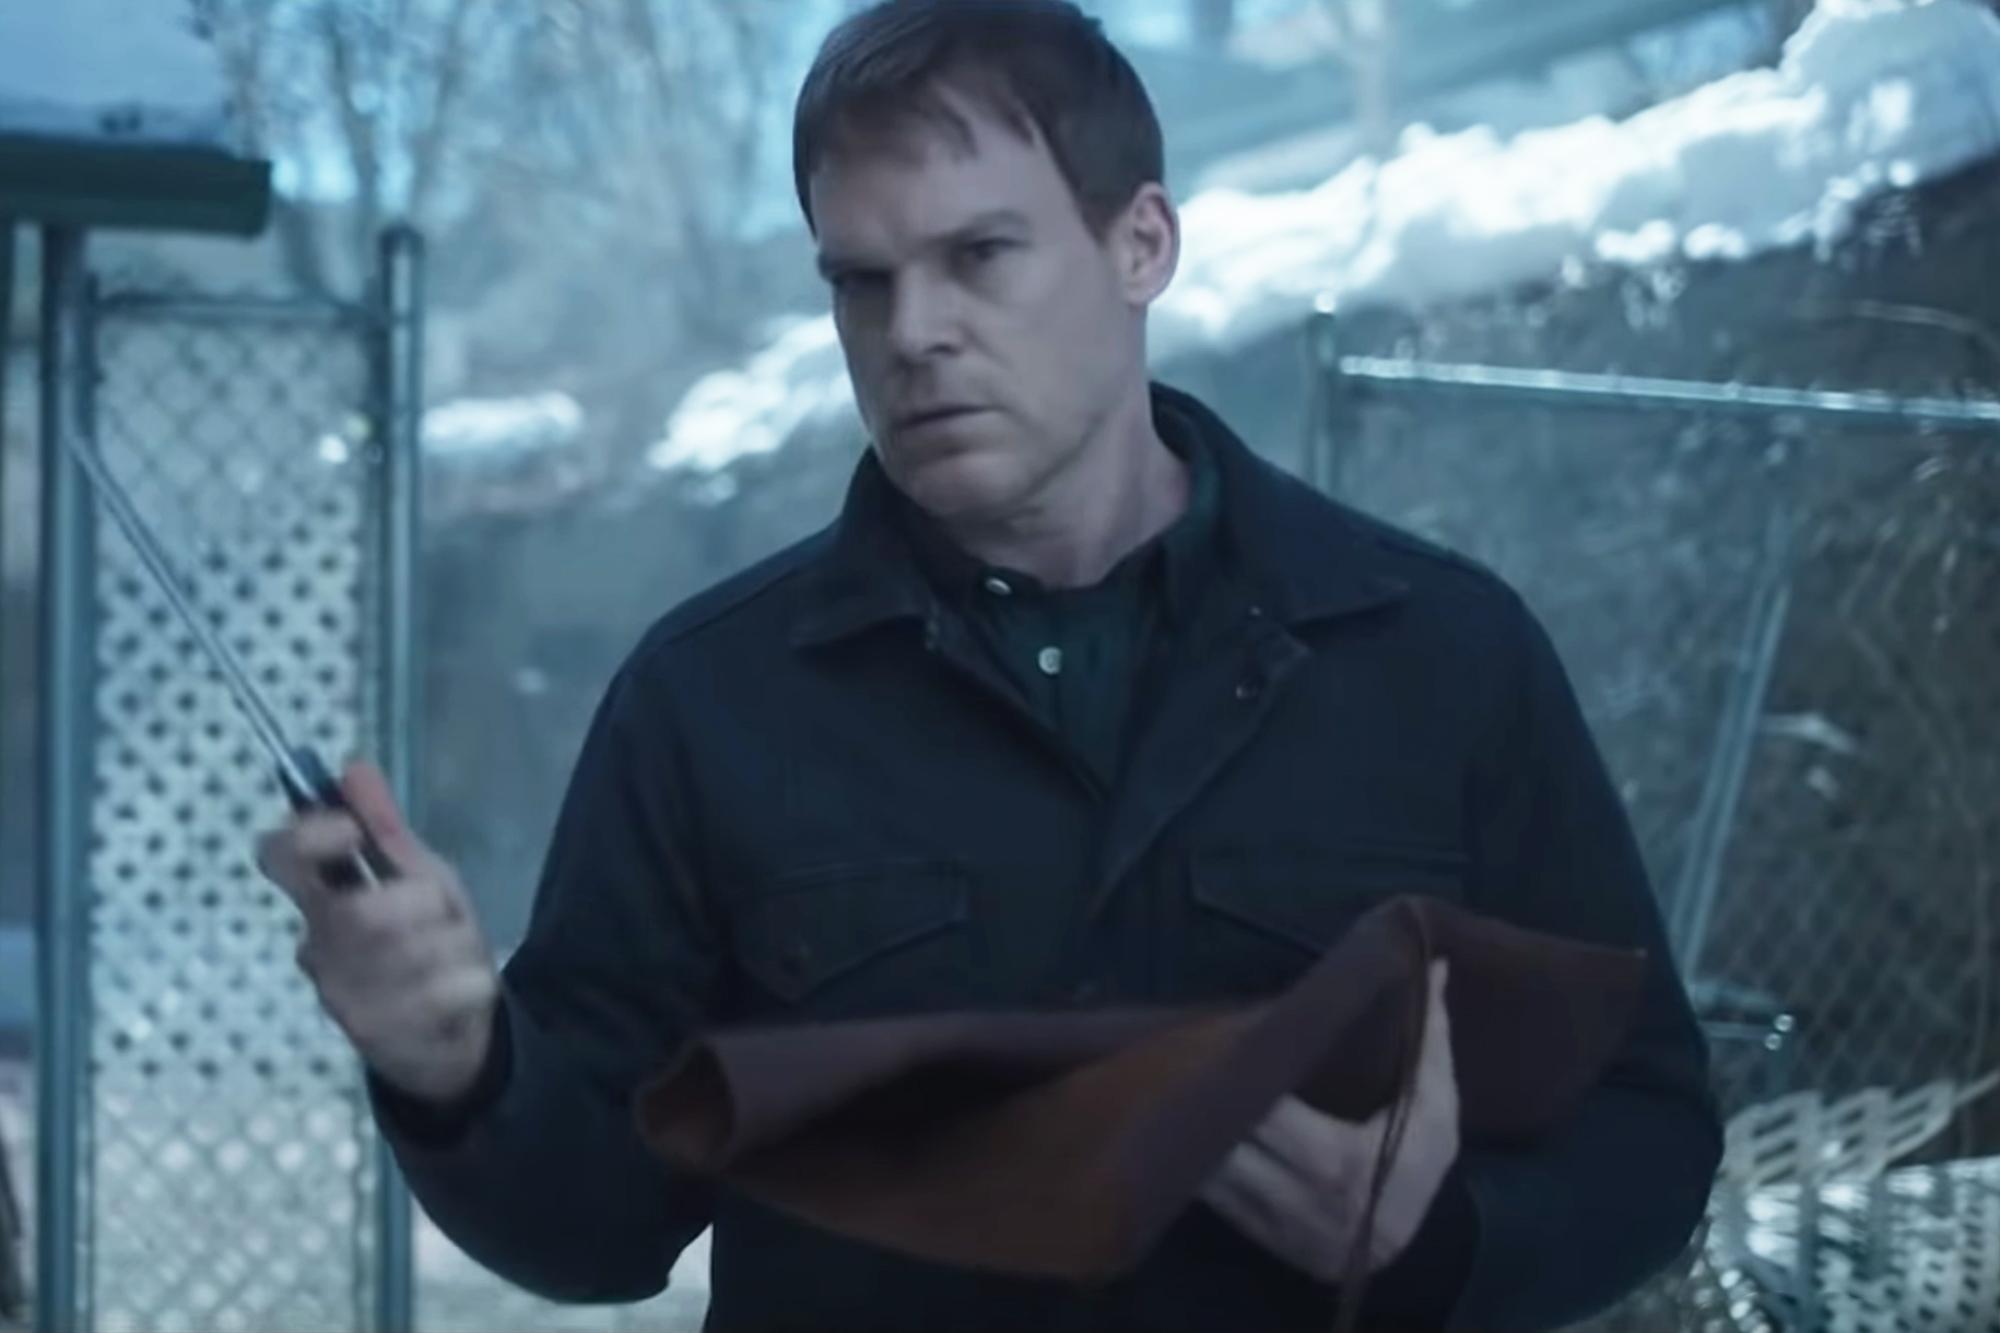 Dexter revival gets premiere date, drops trailer during Comic-Con panel